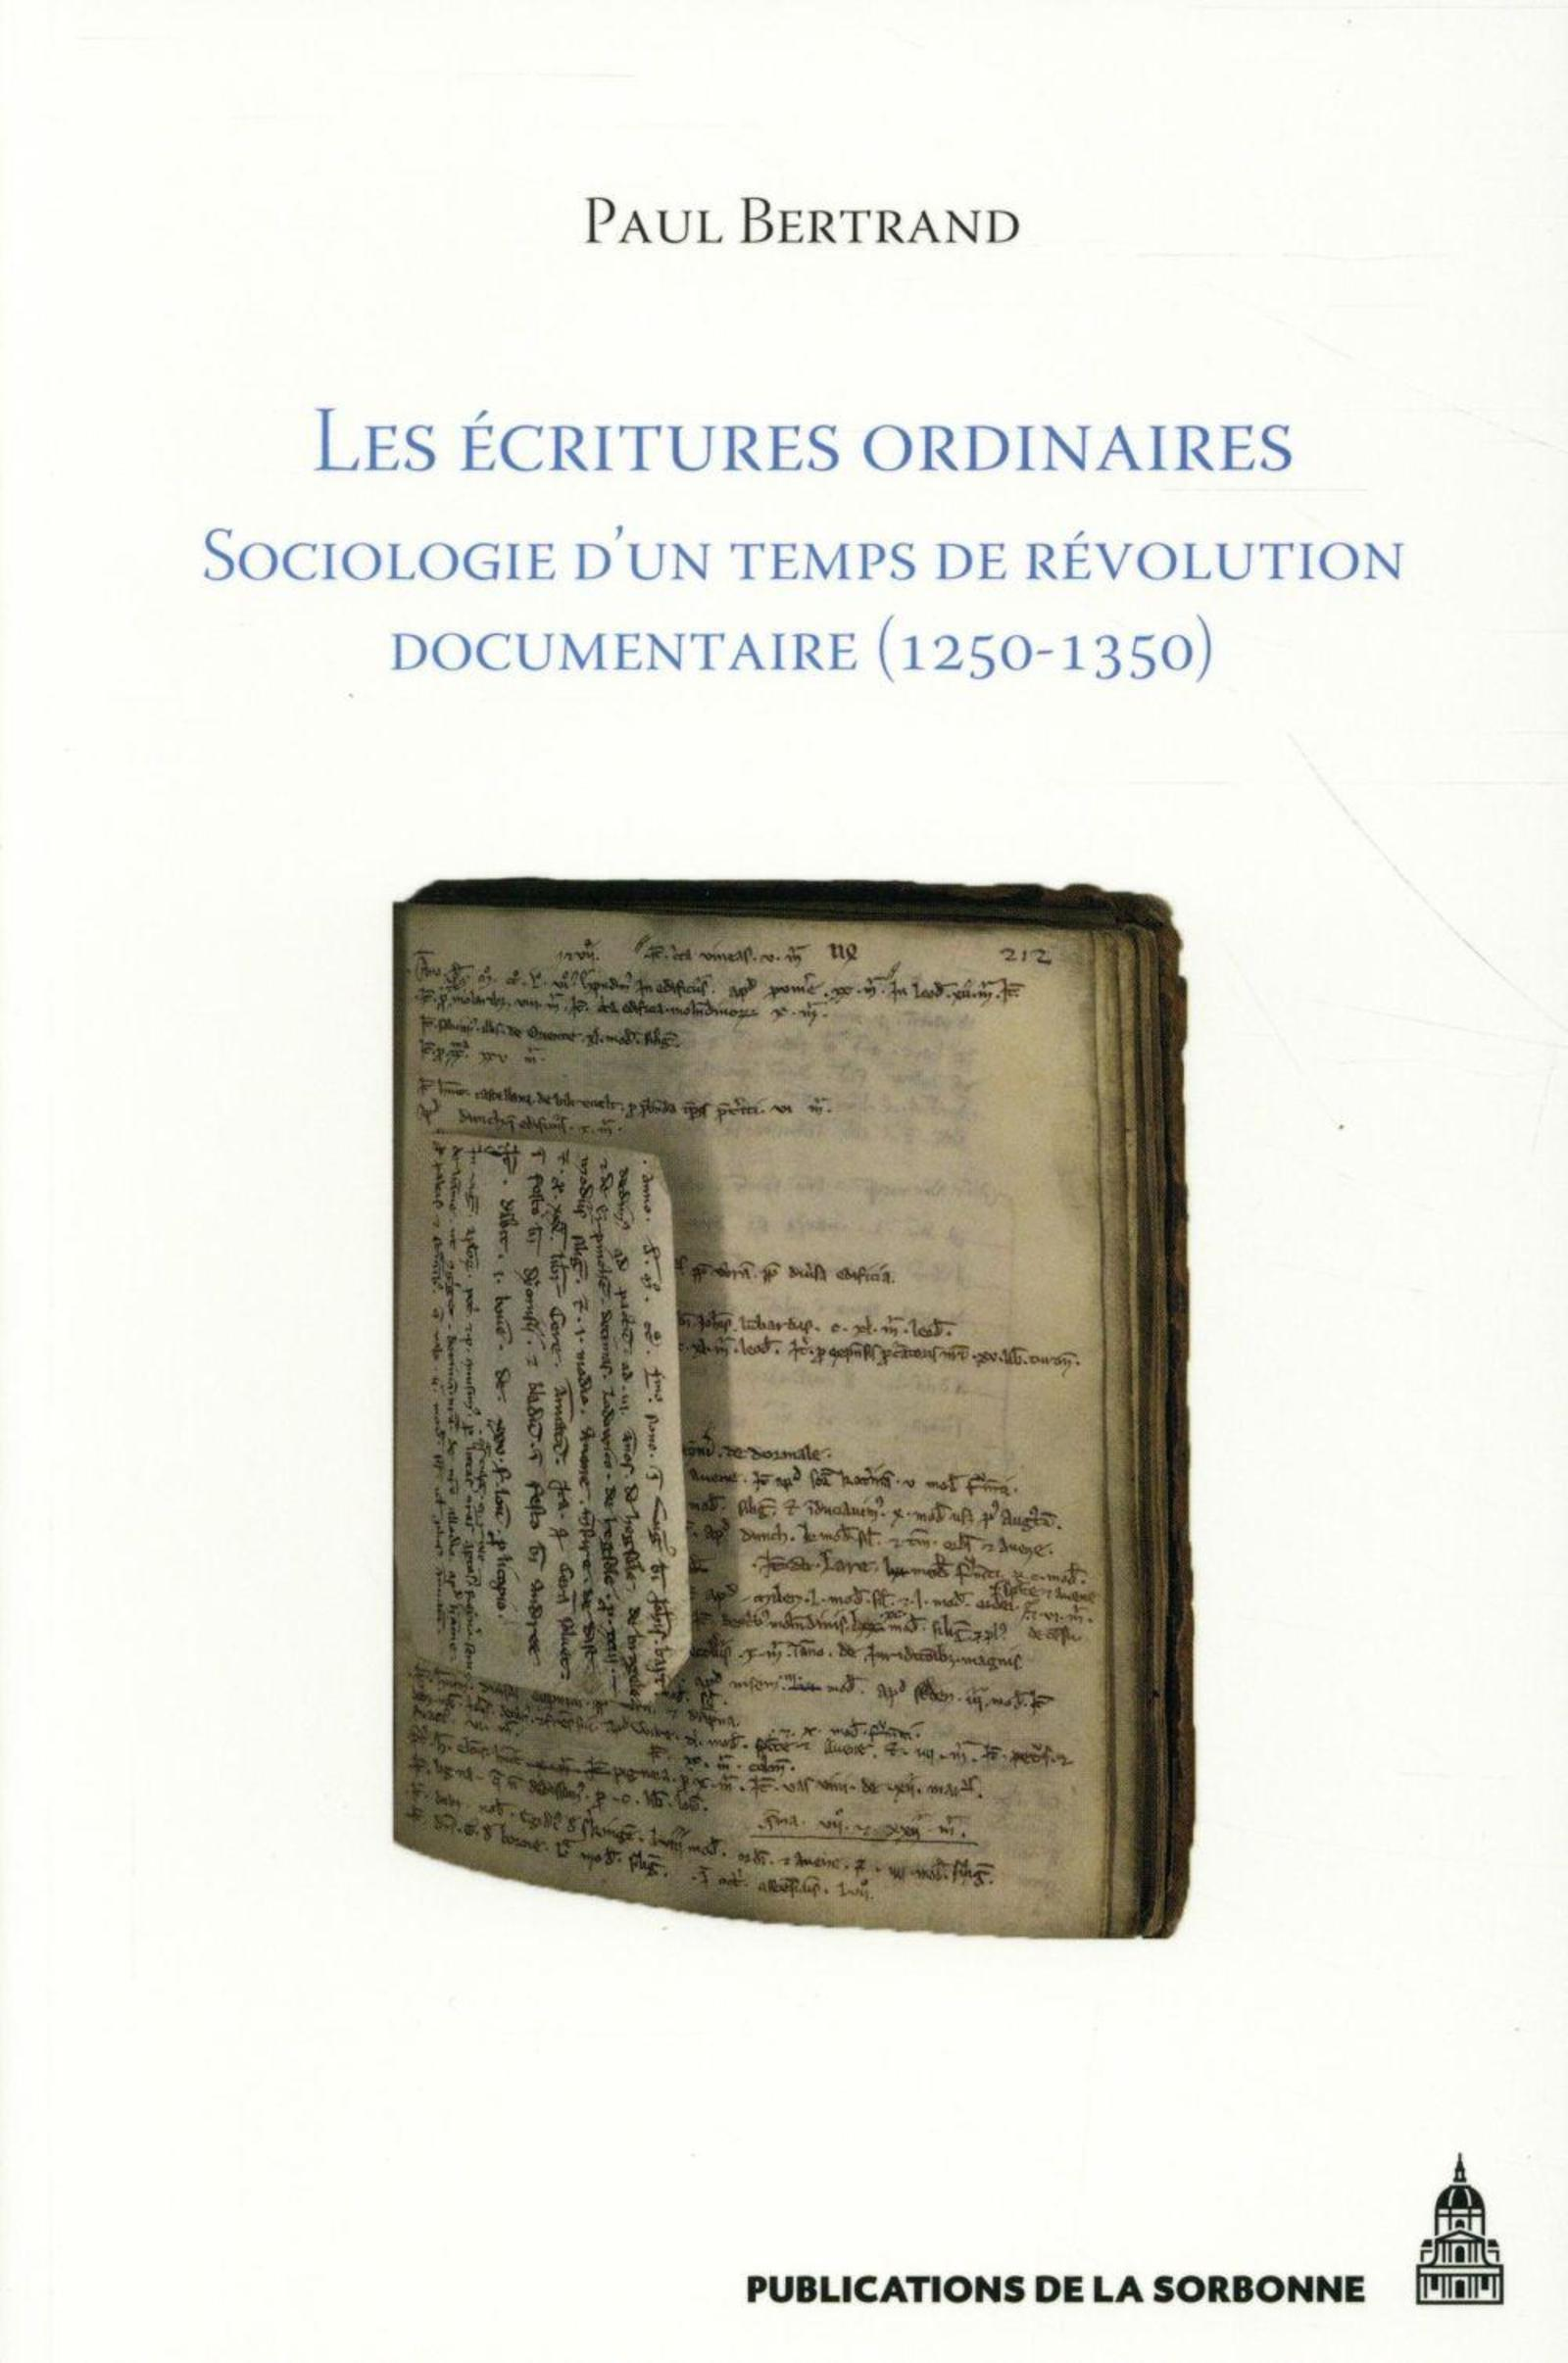 LES ECRITURES ORDINAIRES SOCIOLOGIE D'UN TEMPS DE REVOLUTION DOCUMENTAIRE, ENTRE ROYAUME DE FRANCE E